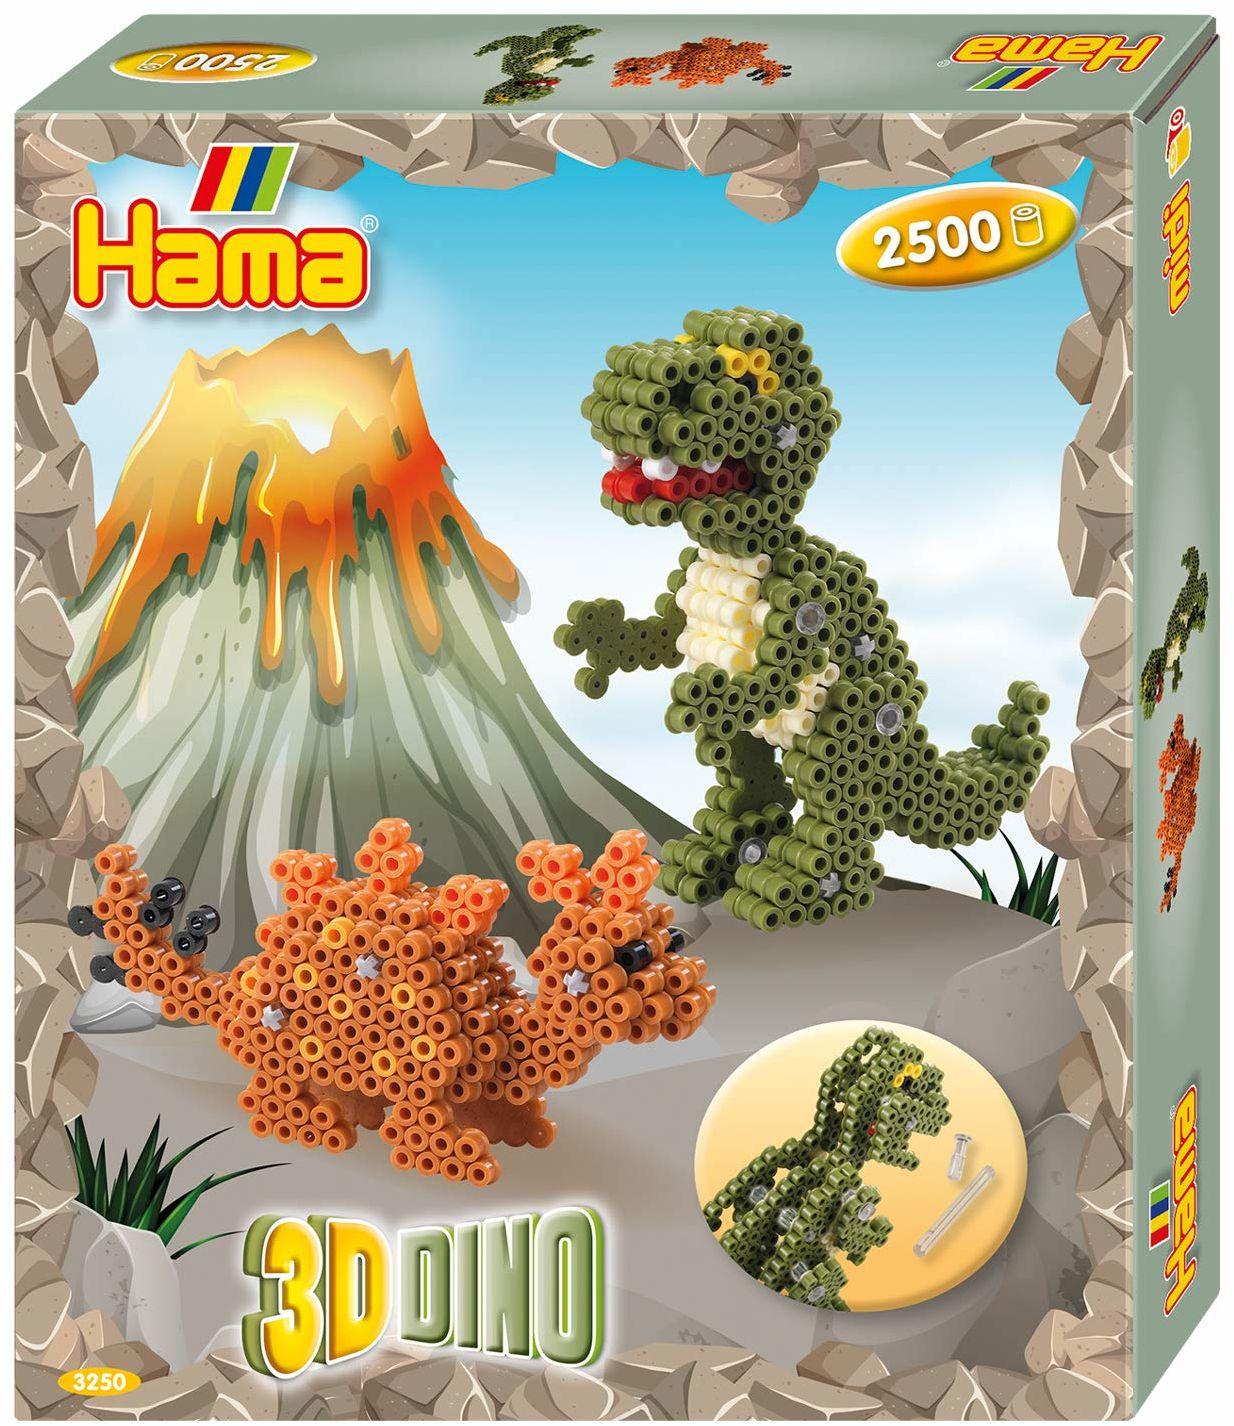 Hama 3250 opakowanie na prezent 3D Dinos, koraliki do prasowania Midi, ok. 2500 sztuk, łącznie z płytami na długopisy i akcesoriami